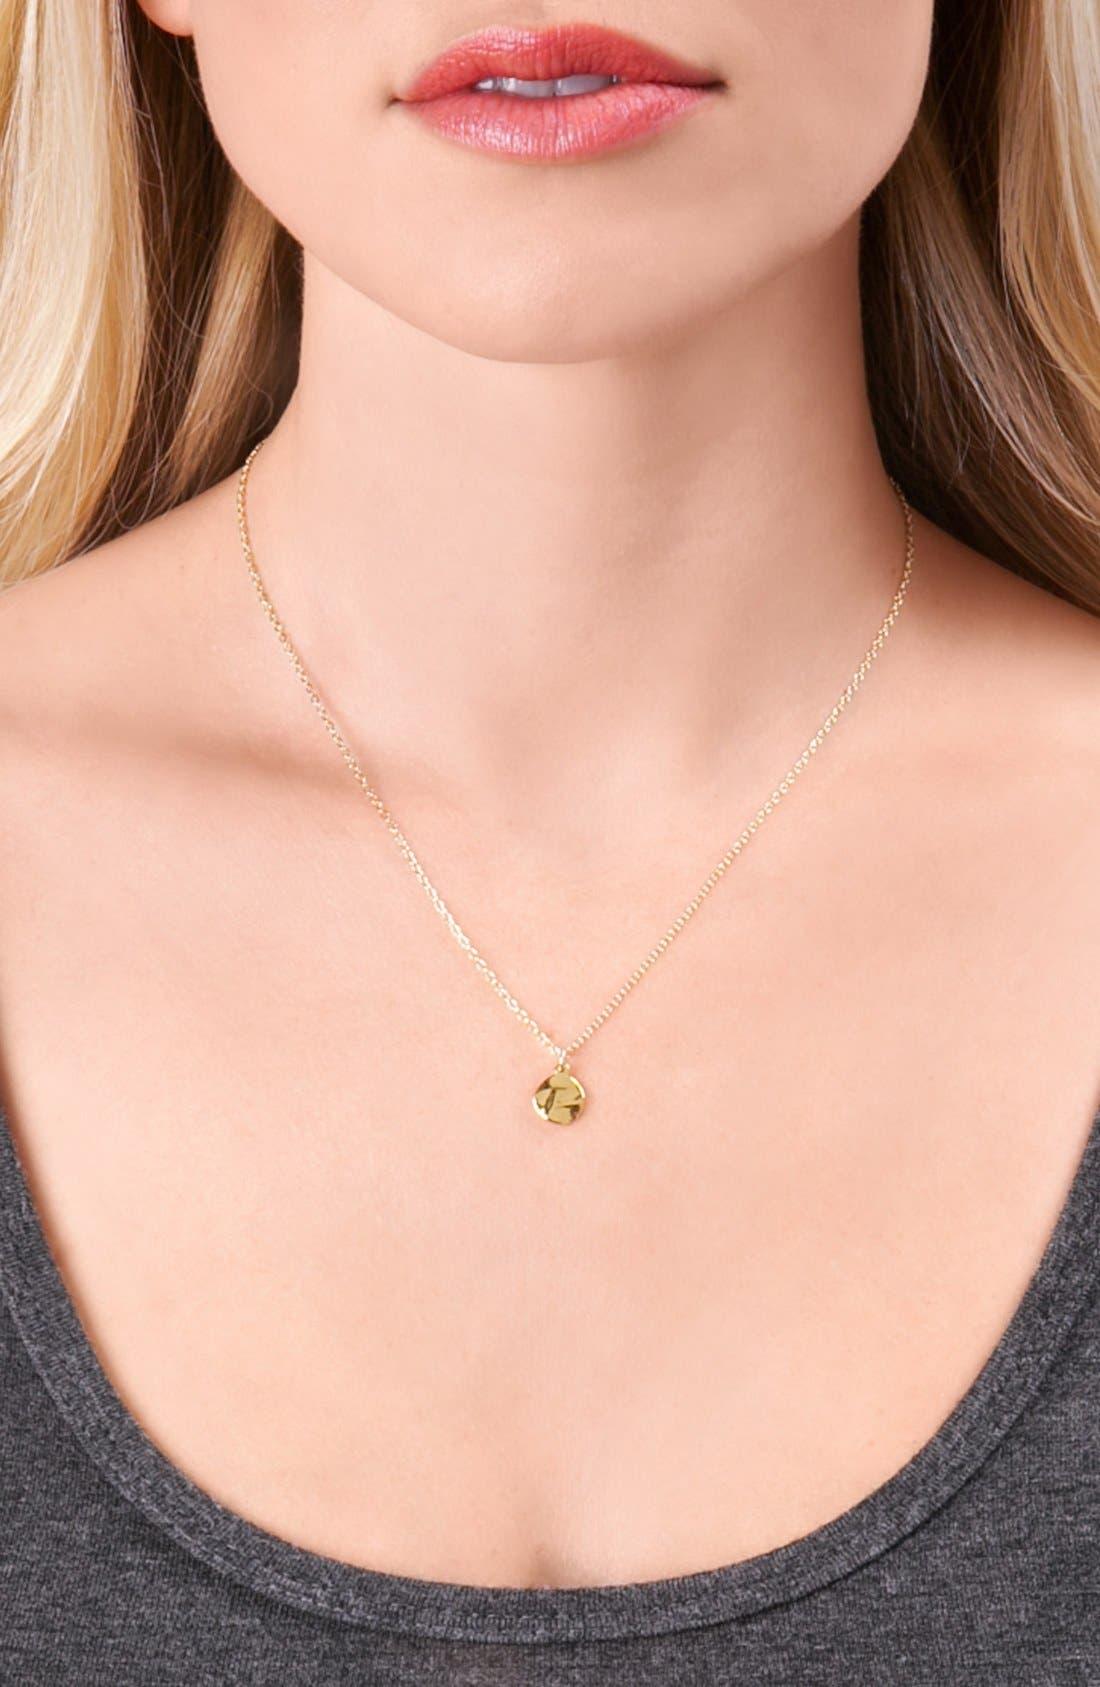 'Chloe' Pendant Necklace,                             Alternate thumbnail 4, color,                             710